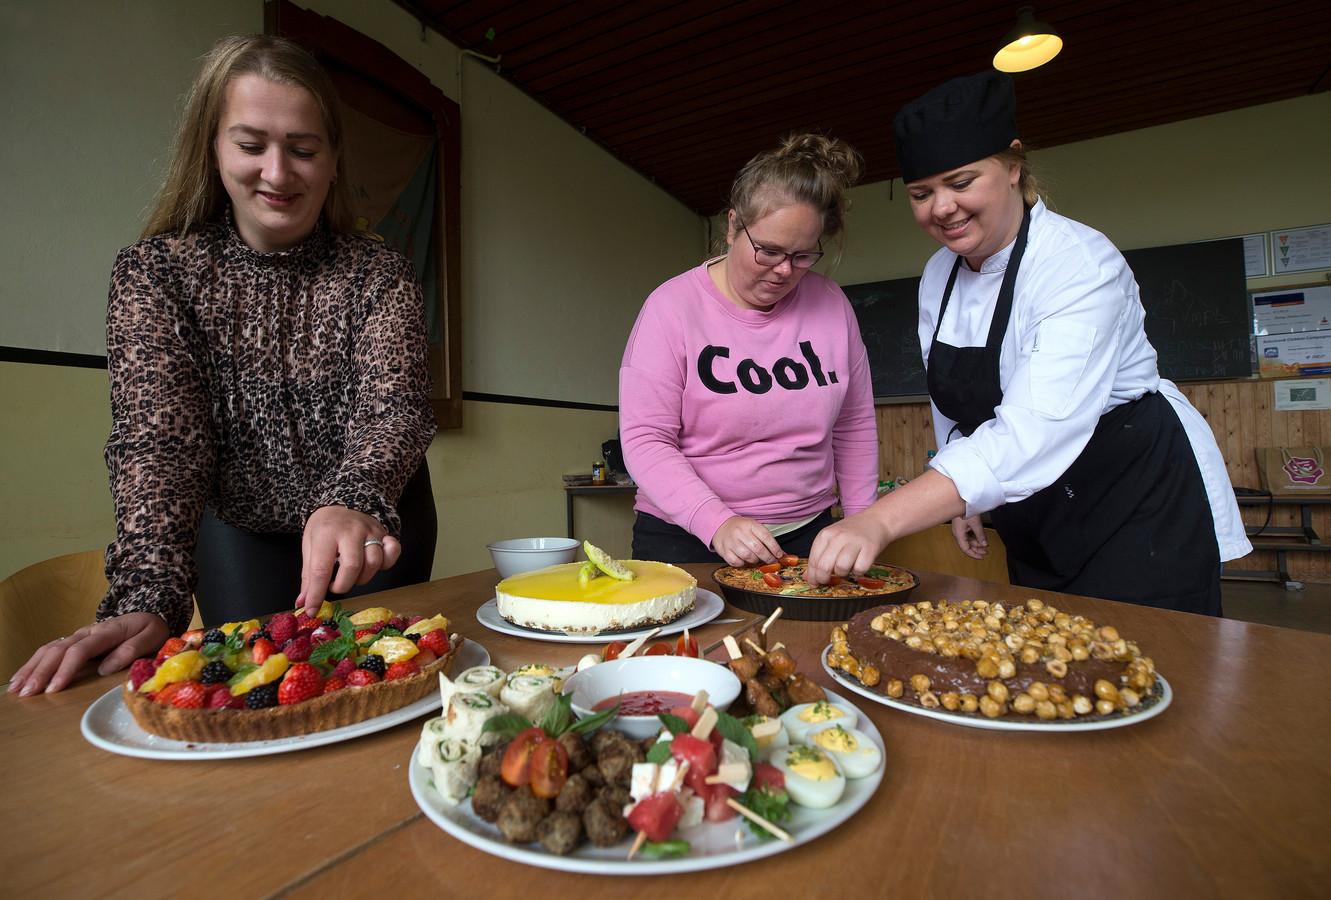 Lekkers uit De Goede dag Sjop. Chef-kok Lisa Poot met de cliënten Denise Jansen (links) en Paula Reijnen.